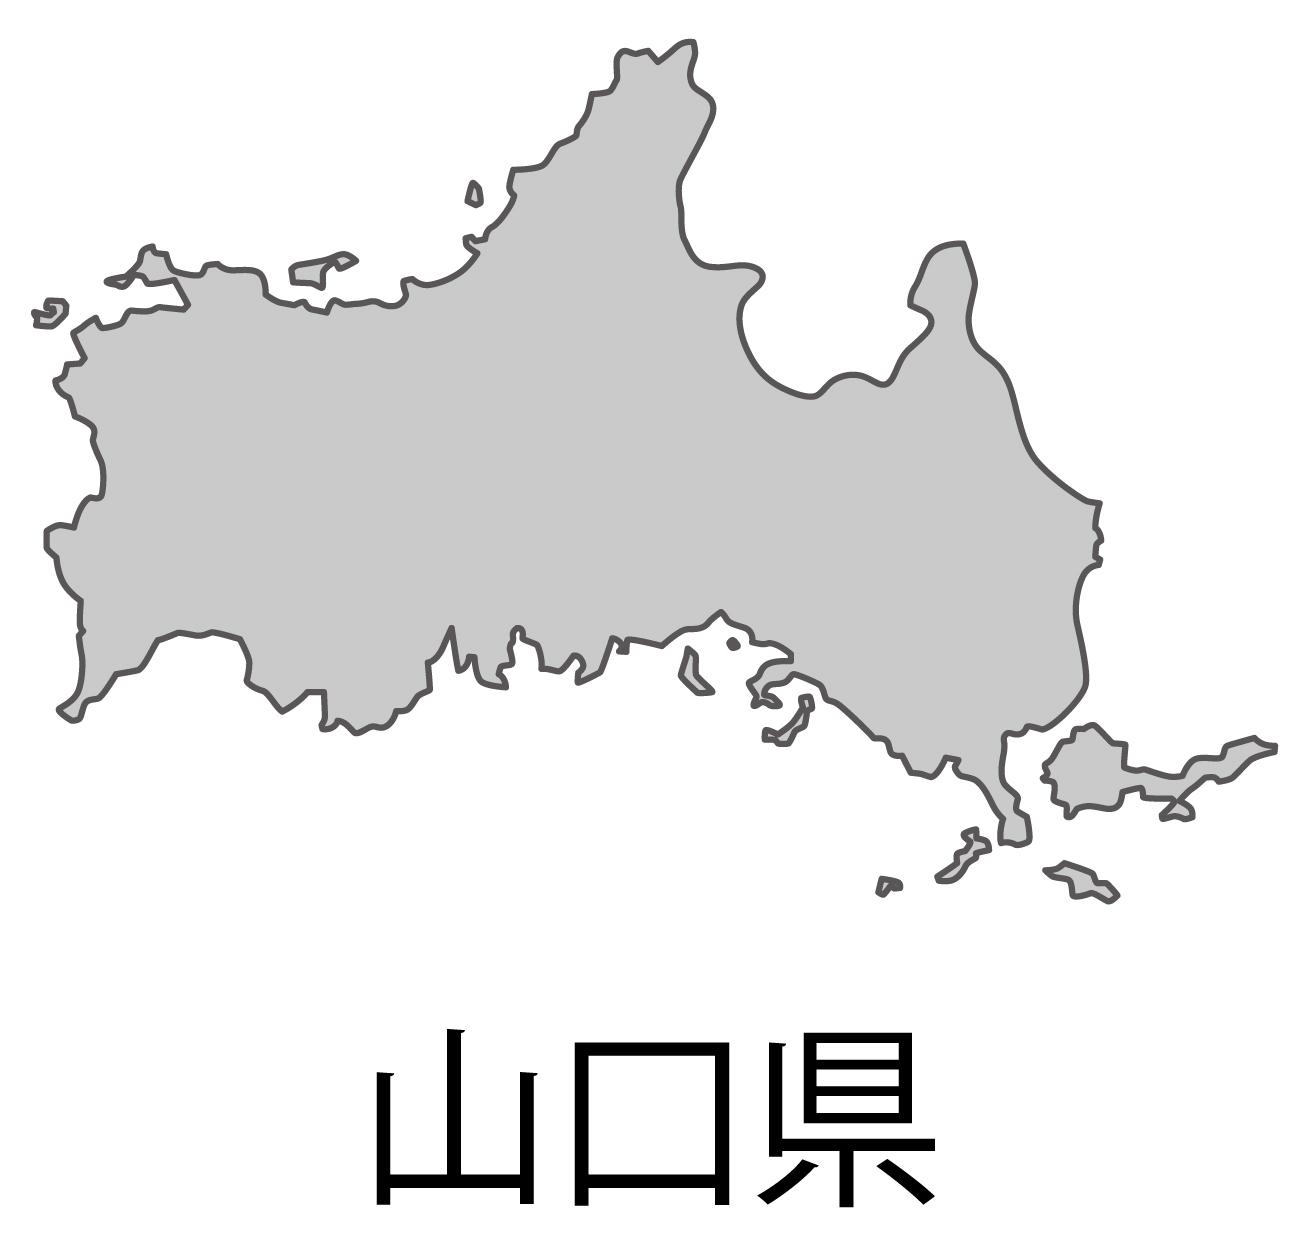 山口県無料フリーイラスト|日本語・都道府県名あり(グレー)